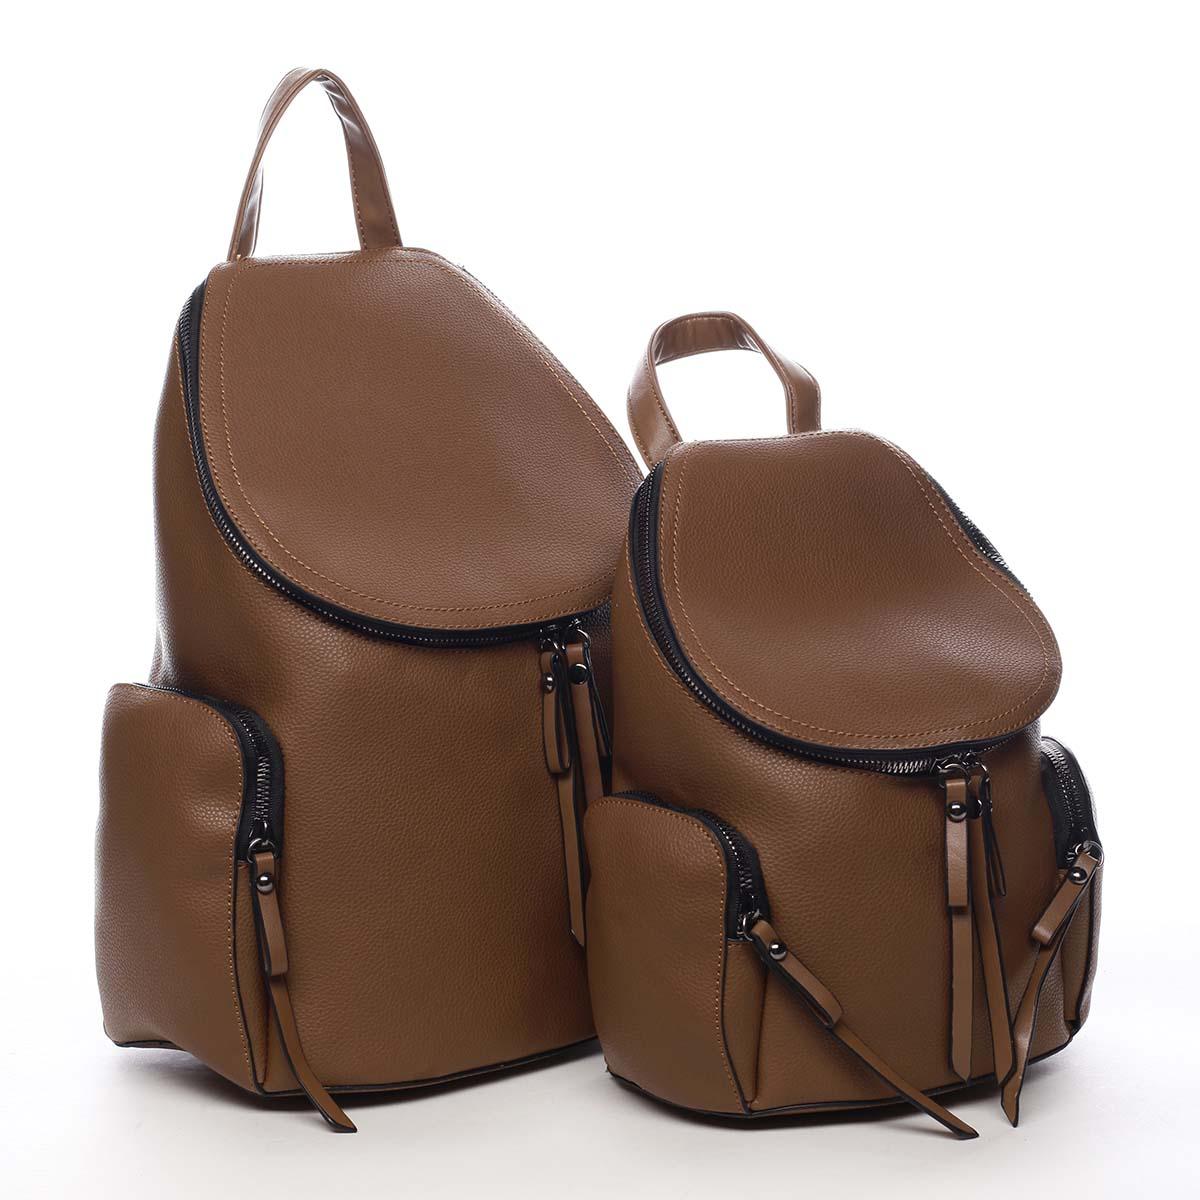 Dámský batoh hnědý - Maria C Hips Dual